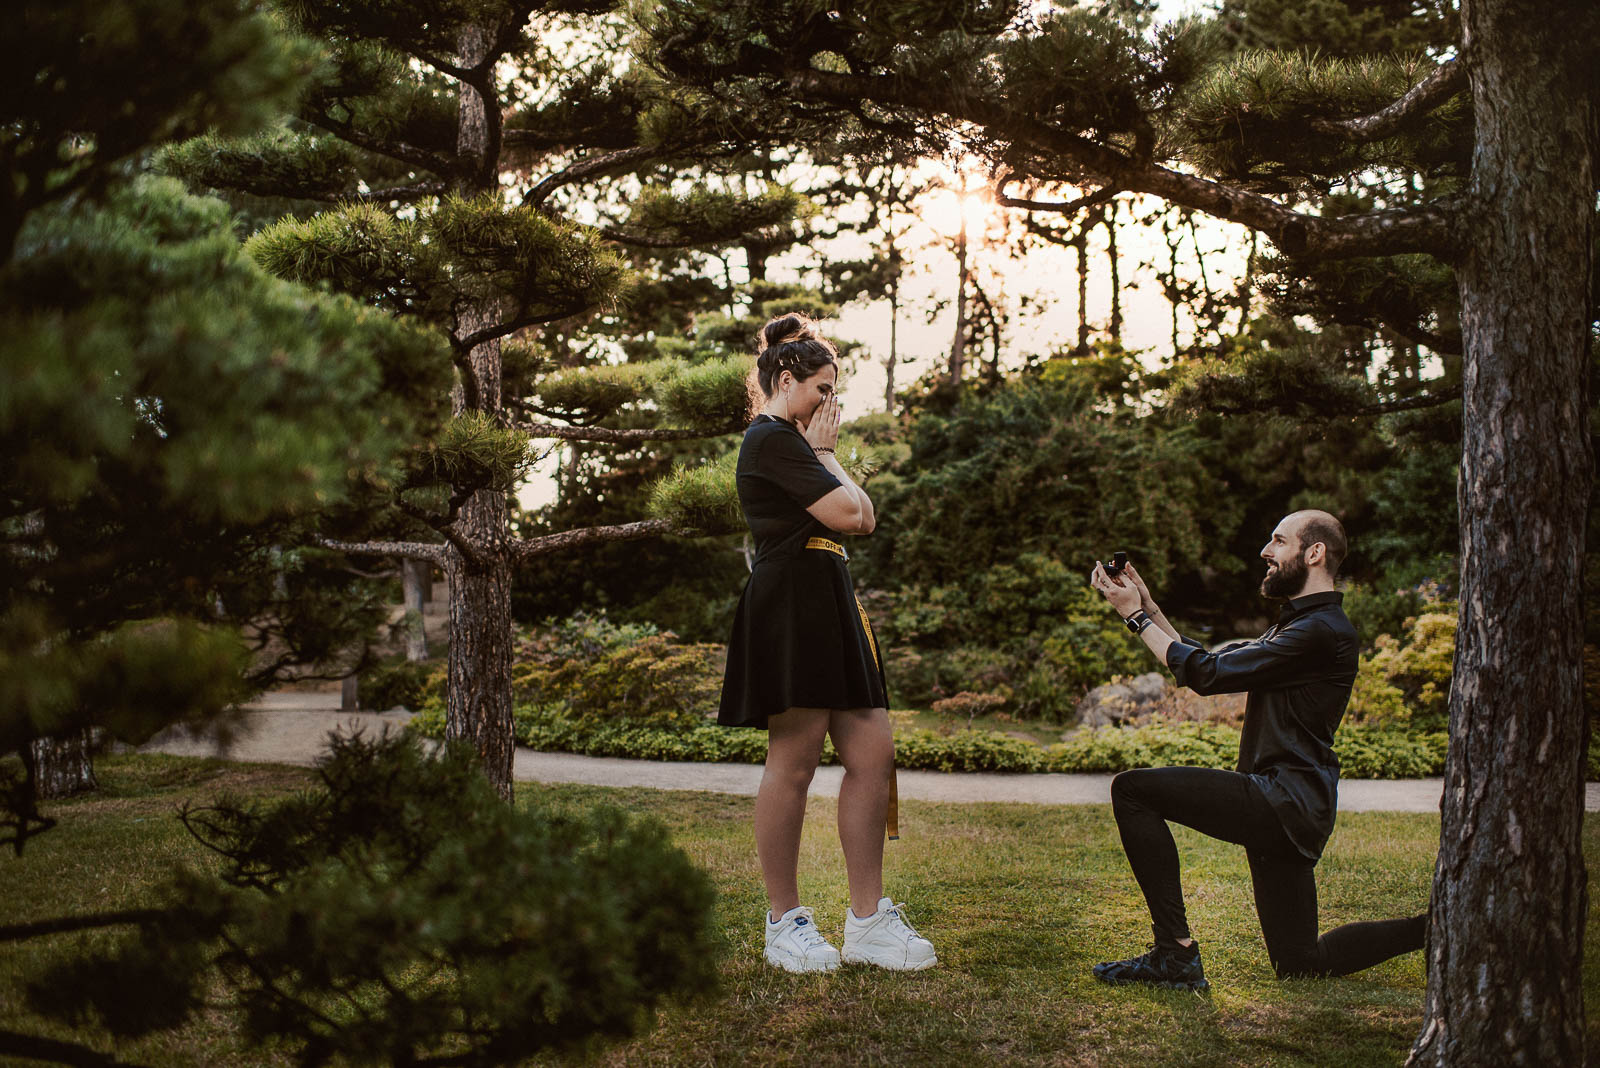 Heiratsantrag mit Kniefall und Fotoshooting in Düsseldorf